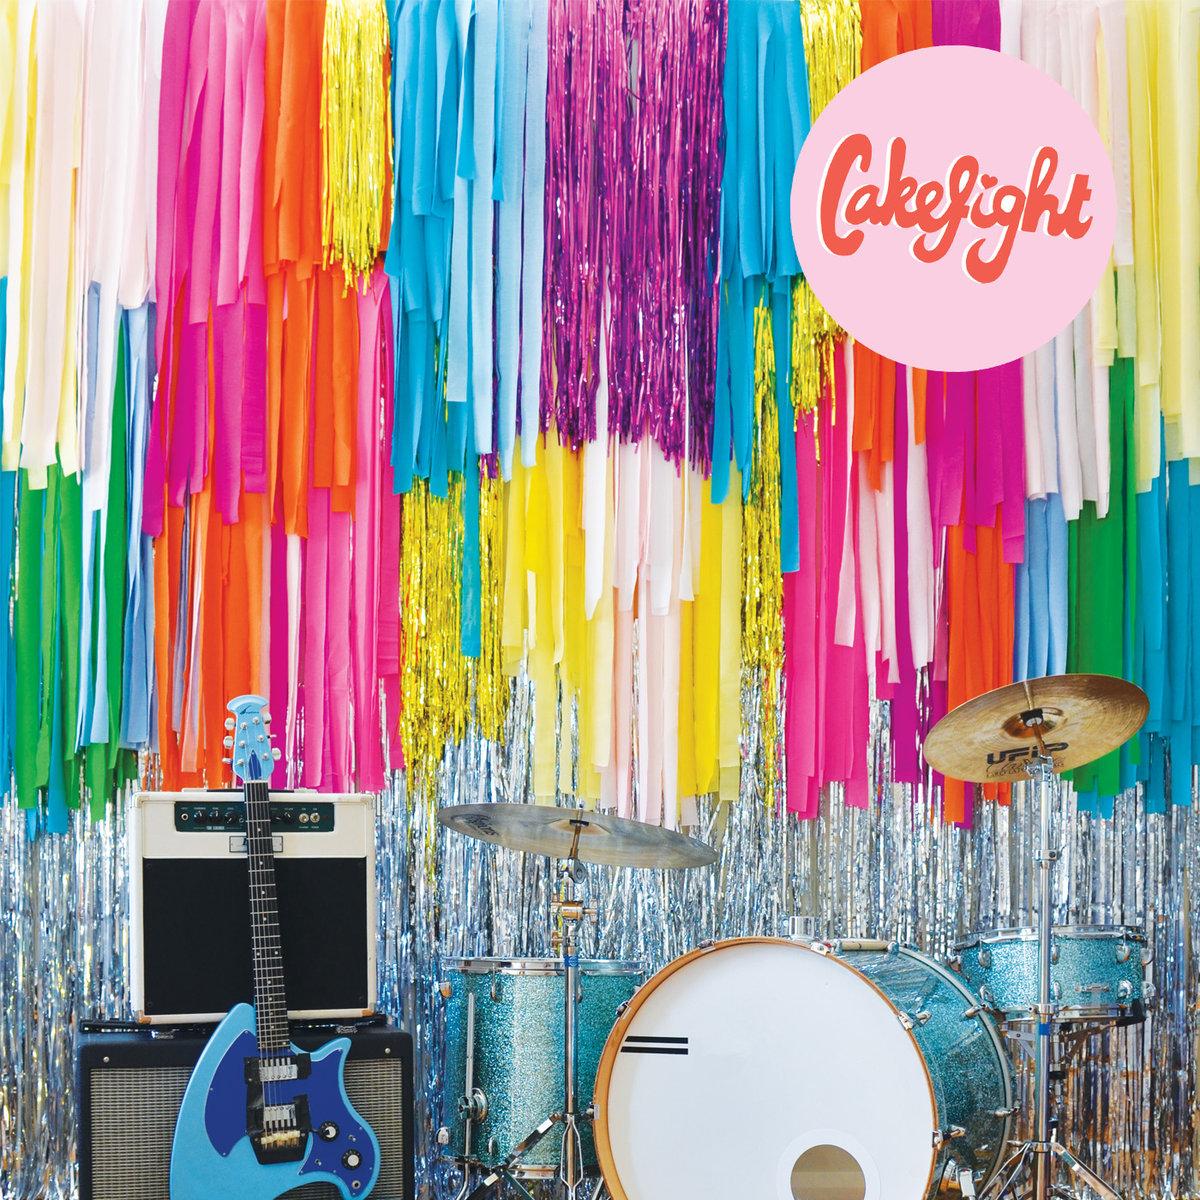 Cakefight by Cakefight